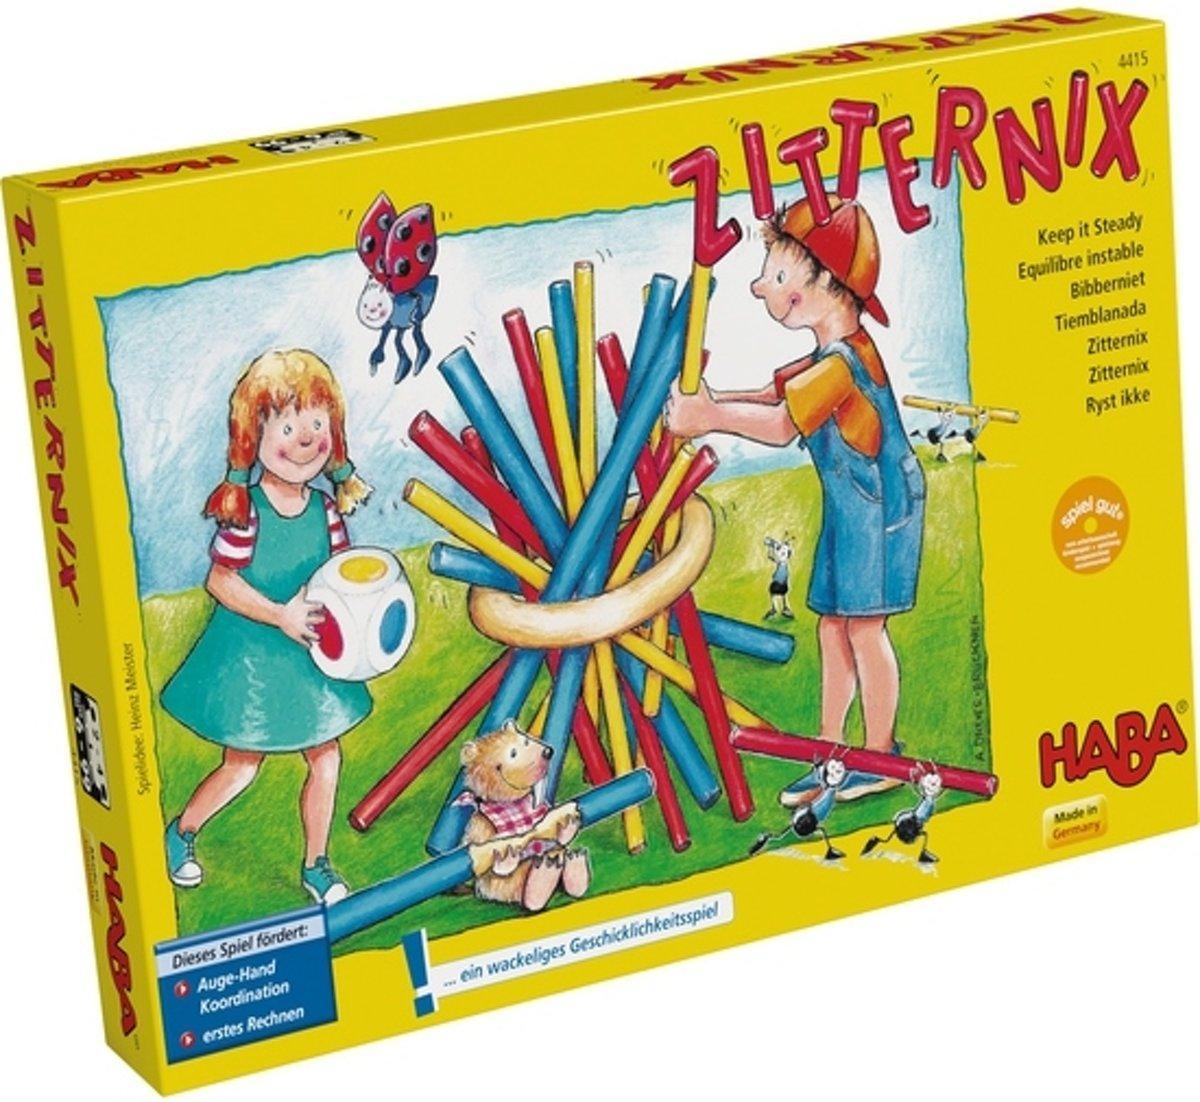 Blokkernl Speelgoedprijsnl